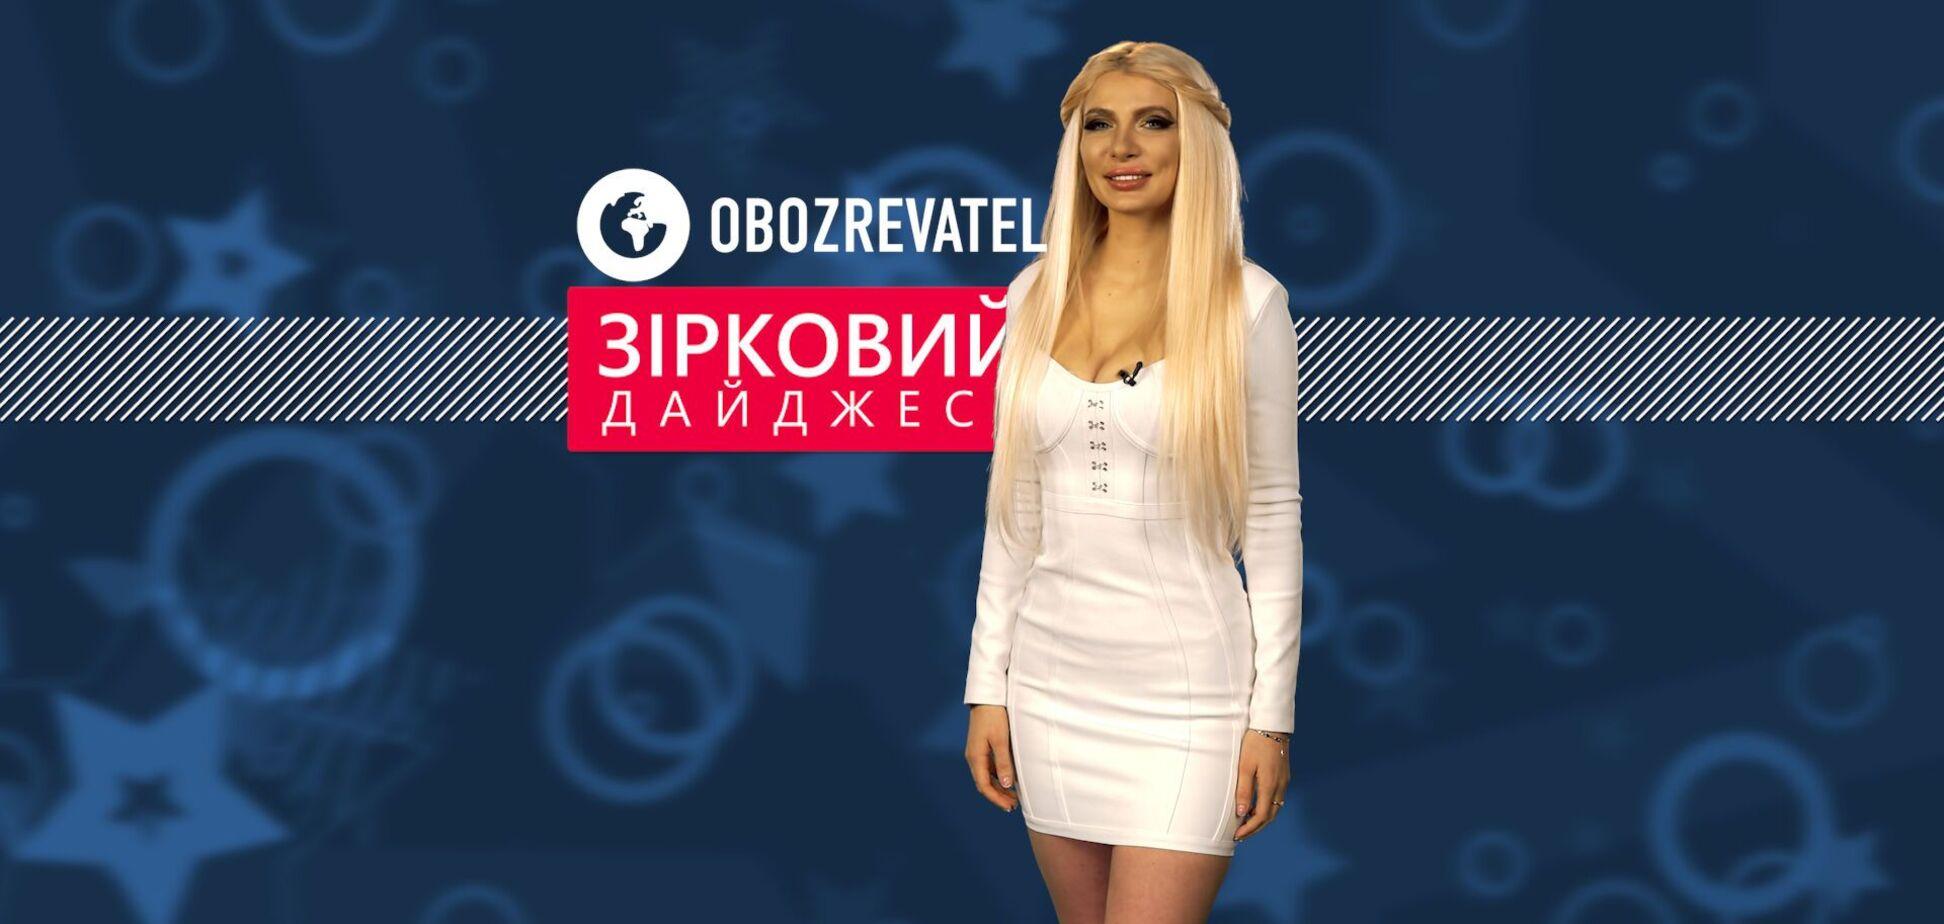 Звездный дайджест | №224 | с Надей Мироненко